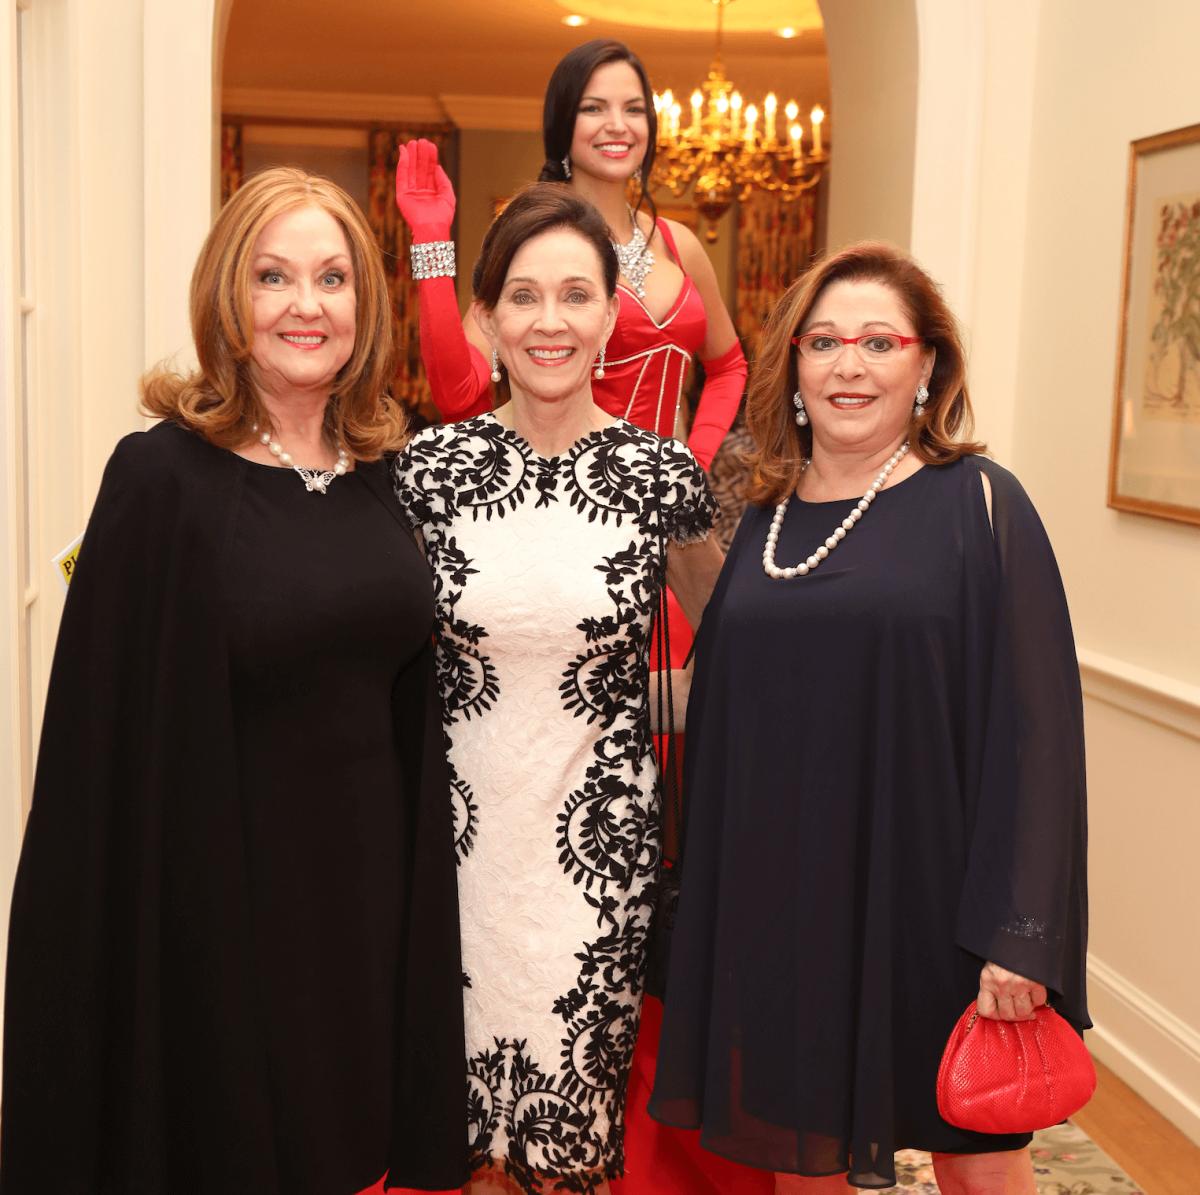 Myra Wilson, Robin Simon, Suzy Simons at BARC gala